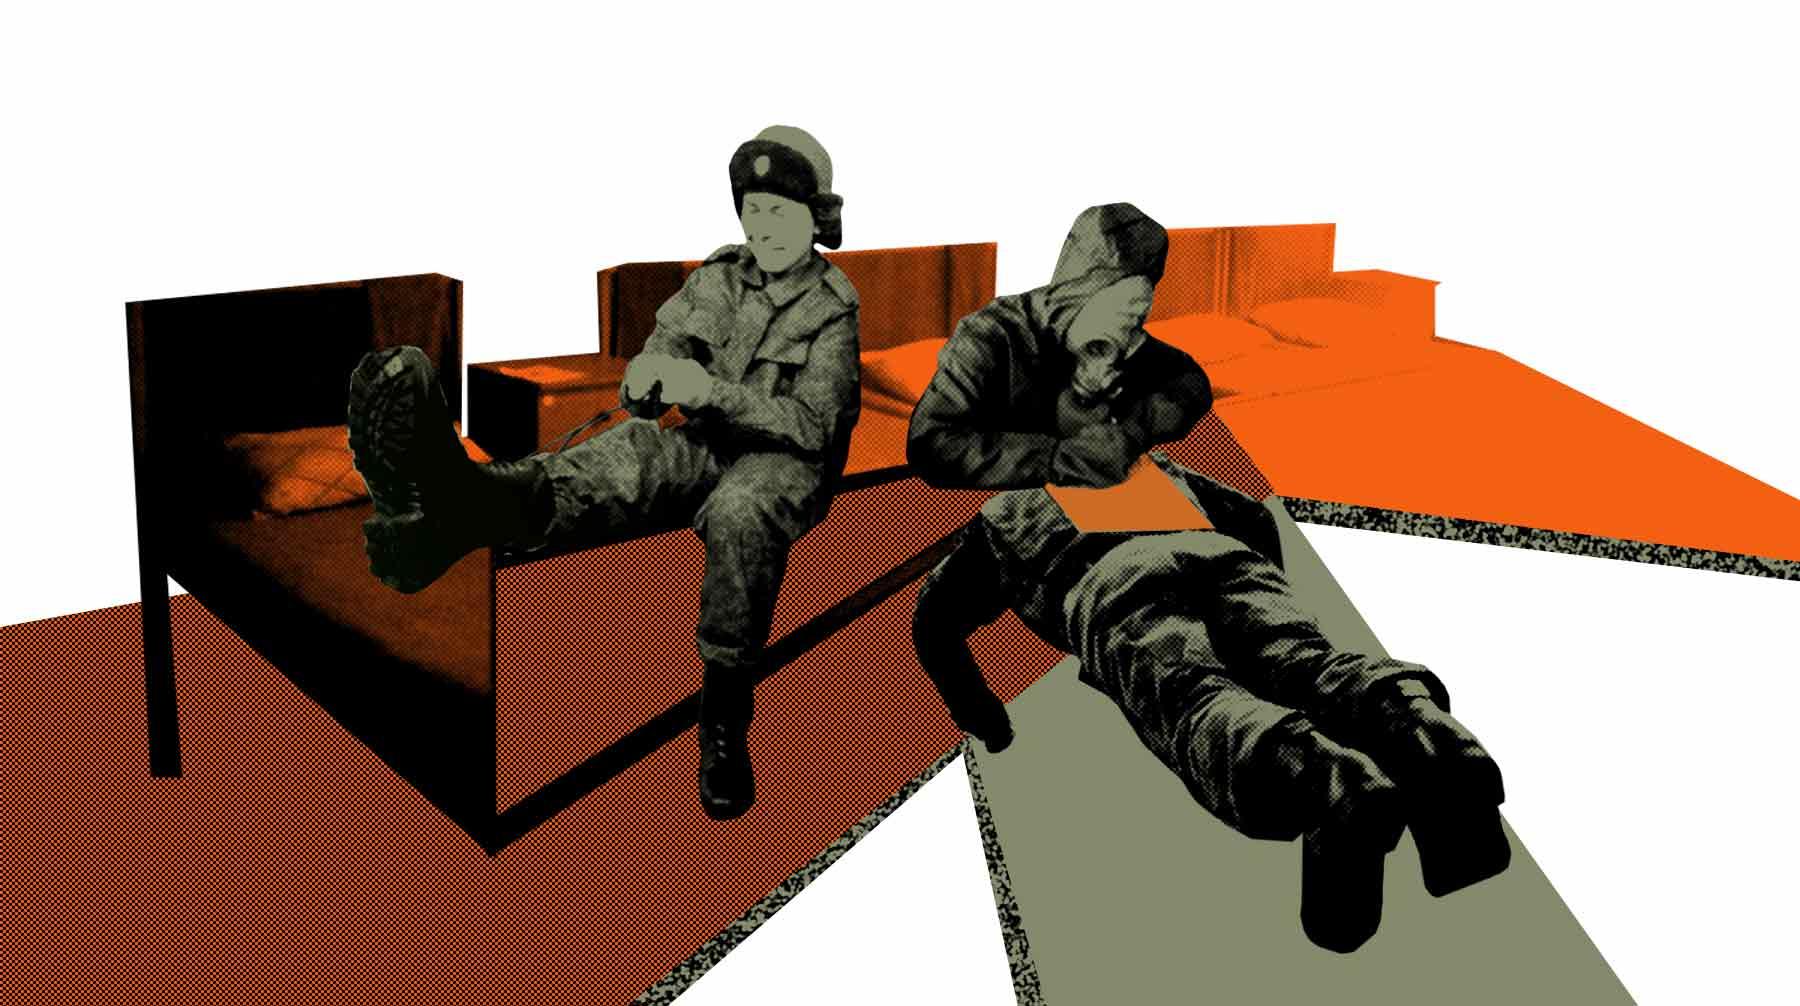 Жить не по уставу части, итоге, общем, лейтенант, всяких, очень, нормально, вообще, решили, тогда, неуставные, сослуживец, службы, «старые», который, офицер, решил, призыва, говорил, ничего